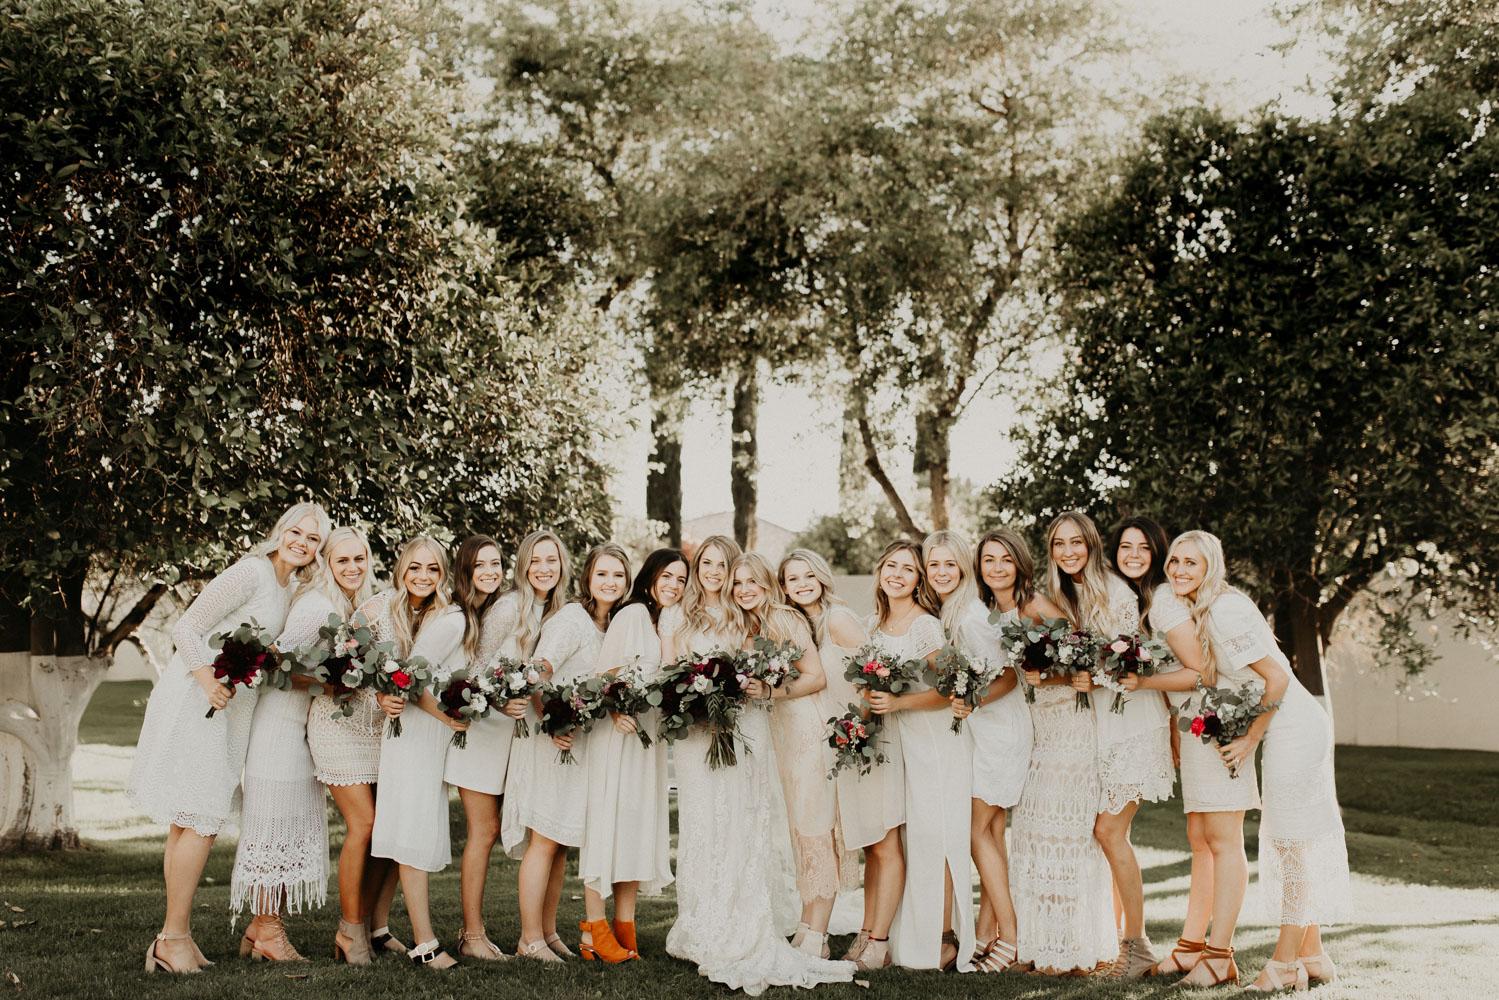 BRYNN + CARSON WEDDING DAY